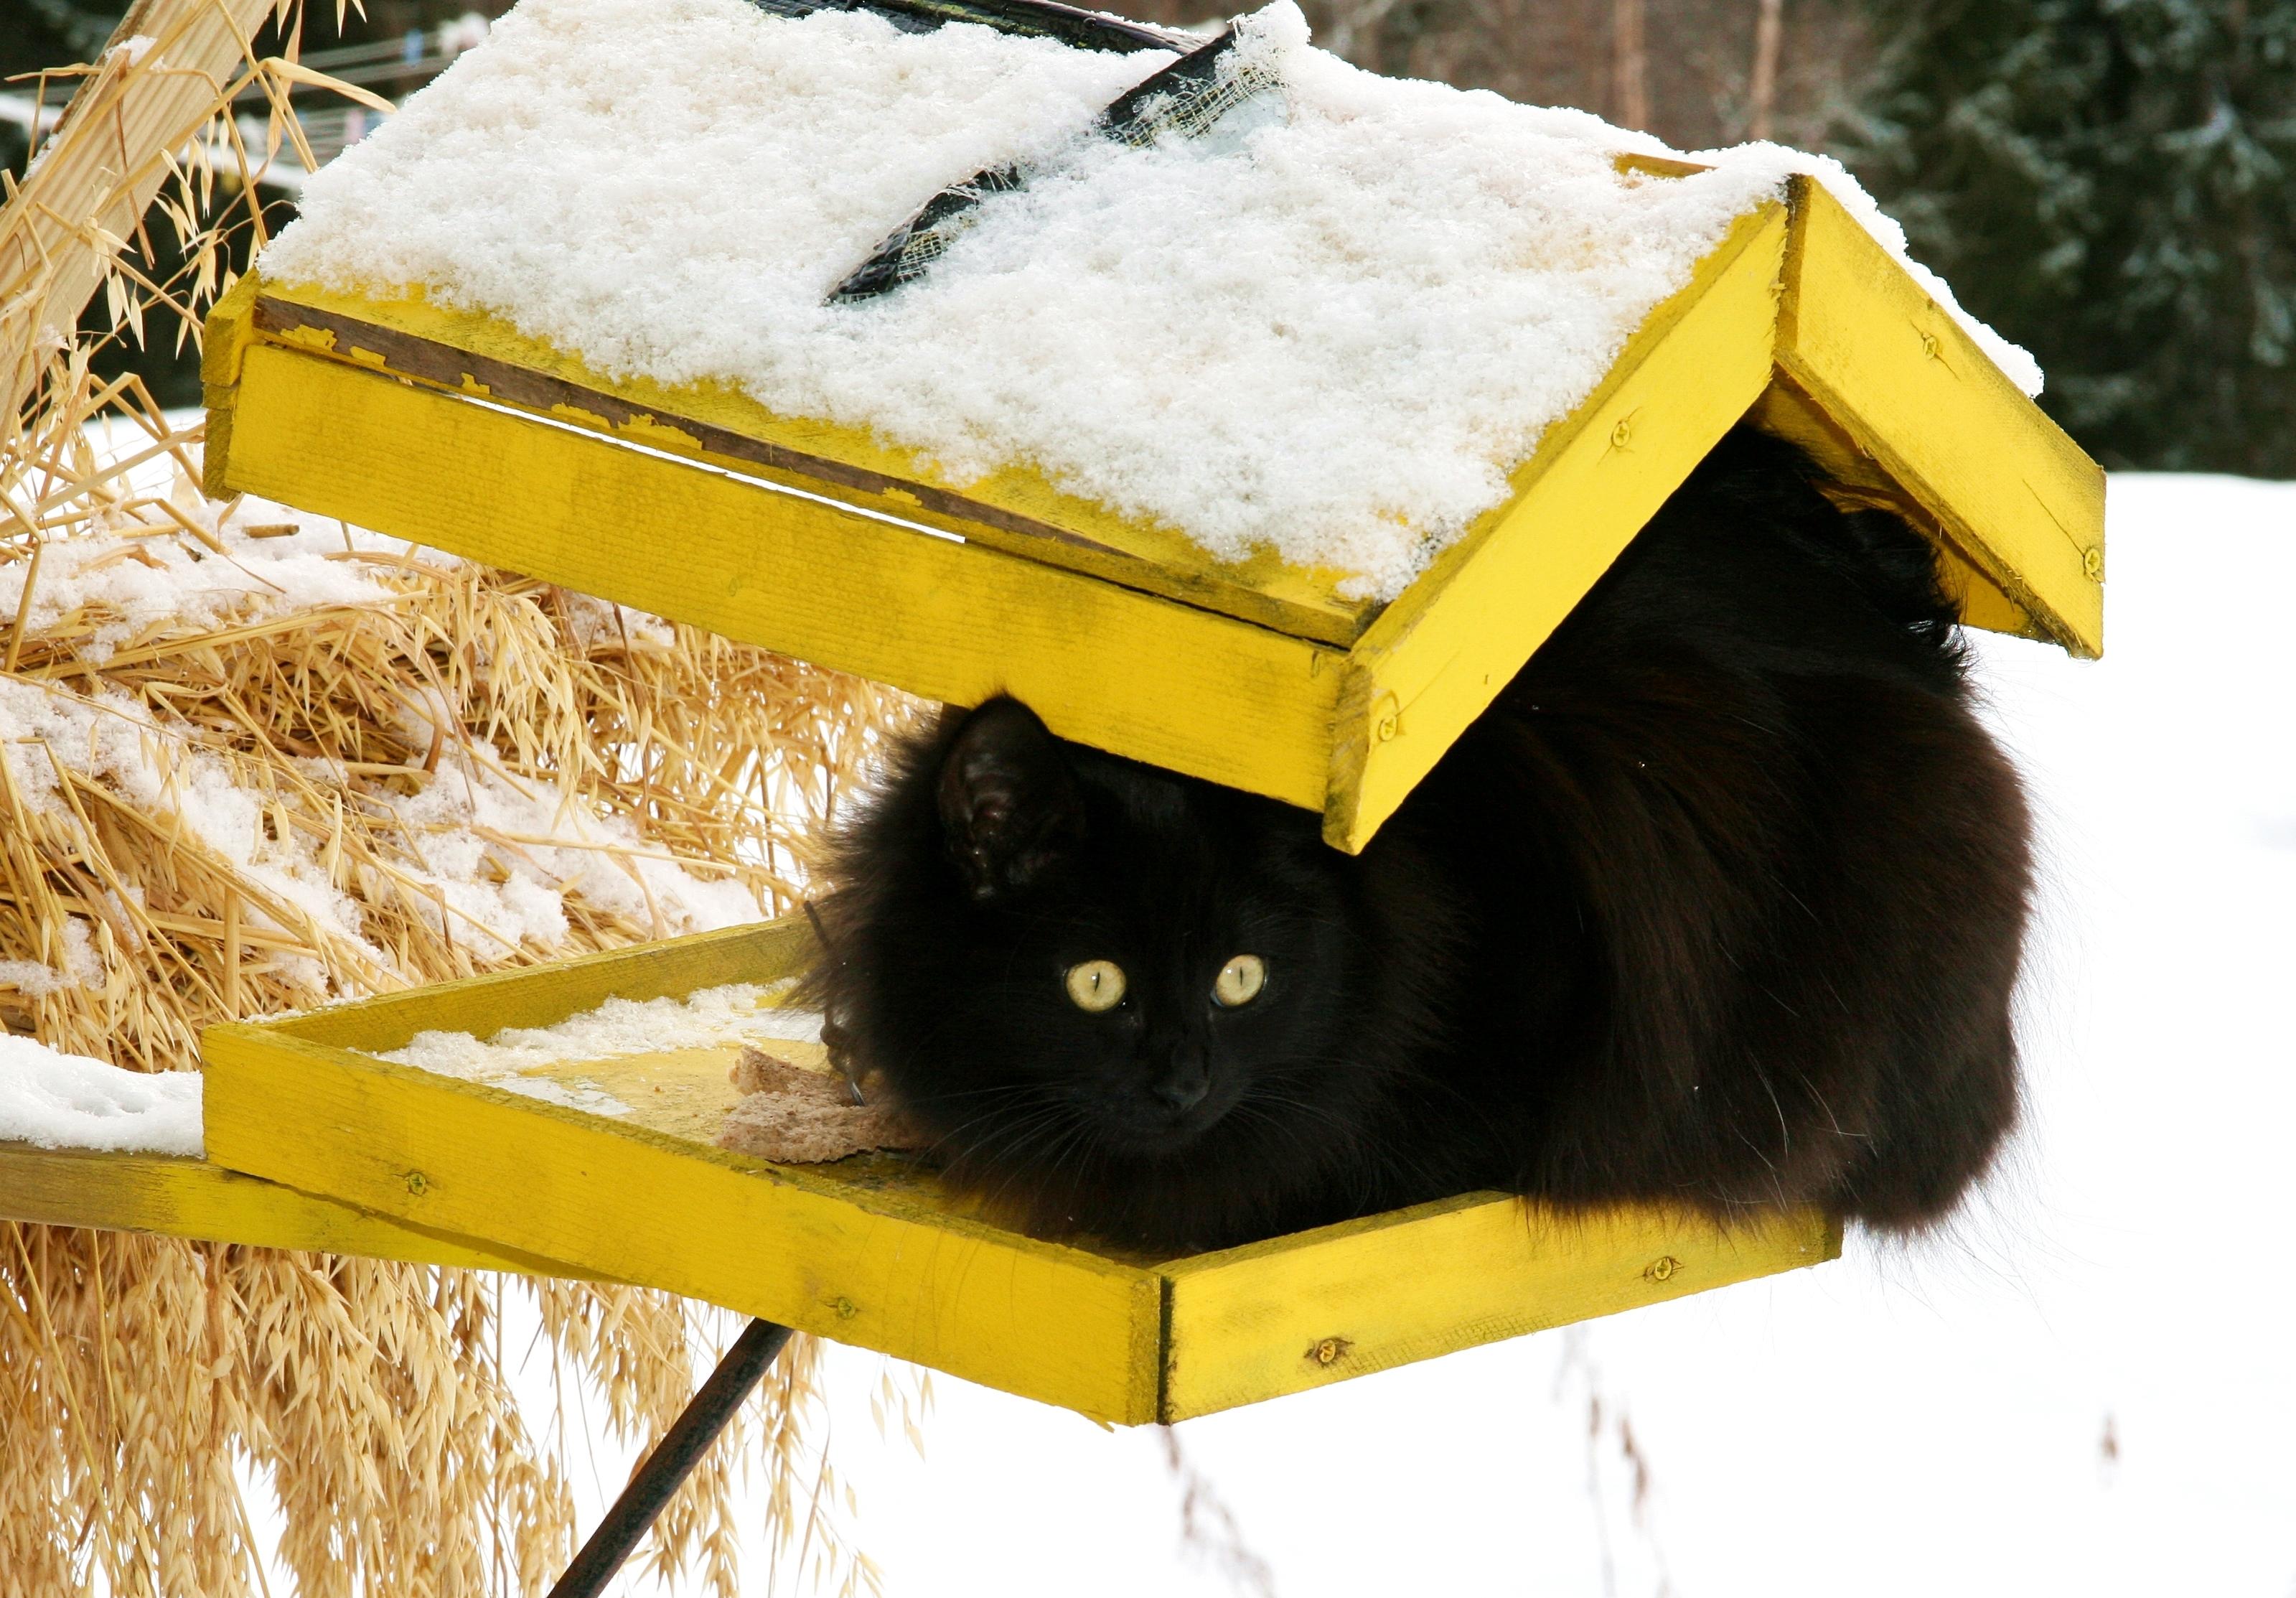 Ett sätt att förebygga salmonella hos katter är att hålla katterna borta från fågelborden - något som kan vara lättare sagt än gjort.